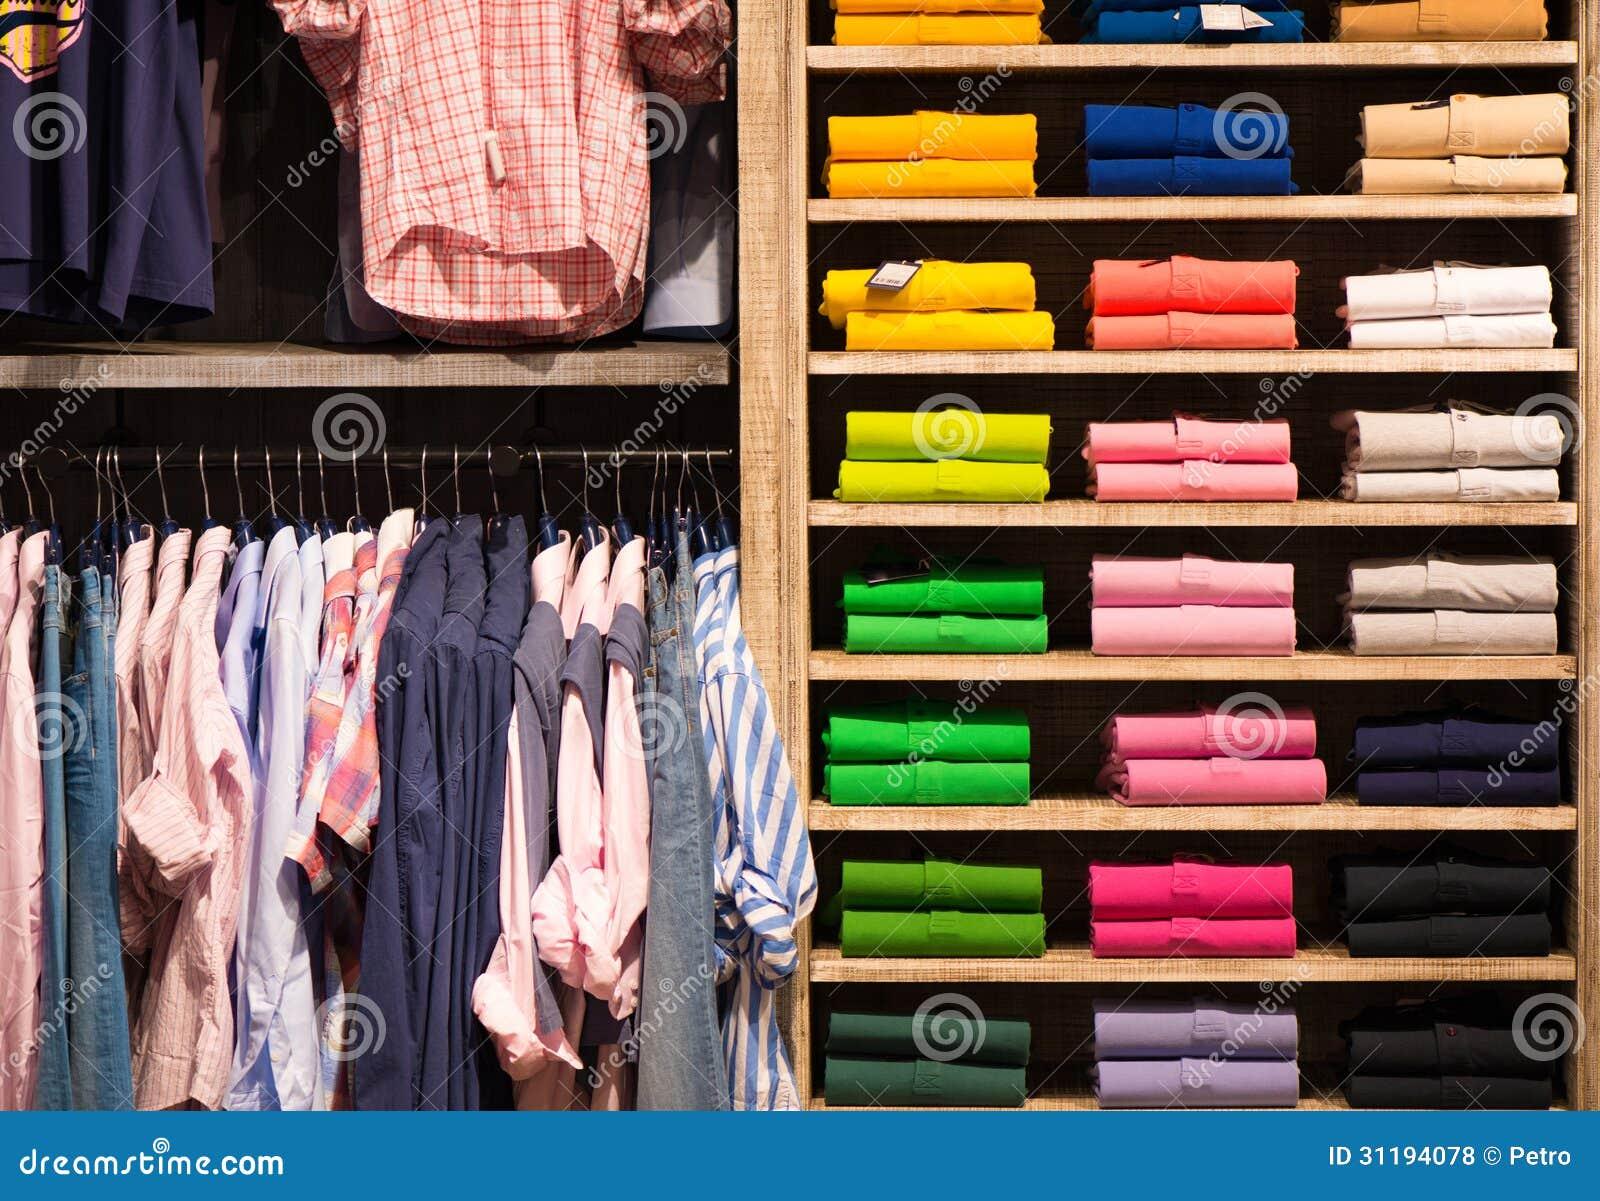 6deda36cf9cf Πουκάμισα χρώματος στο ράφι στο κατάστημα Στοκ Εικόνες - εικόνα από ...